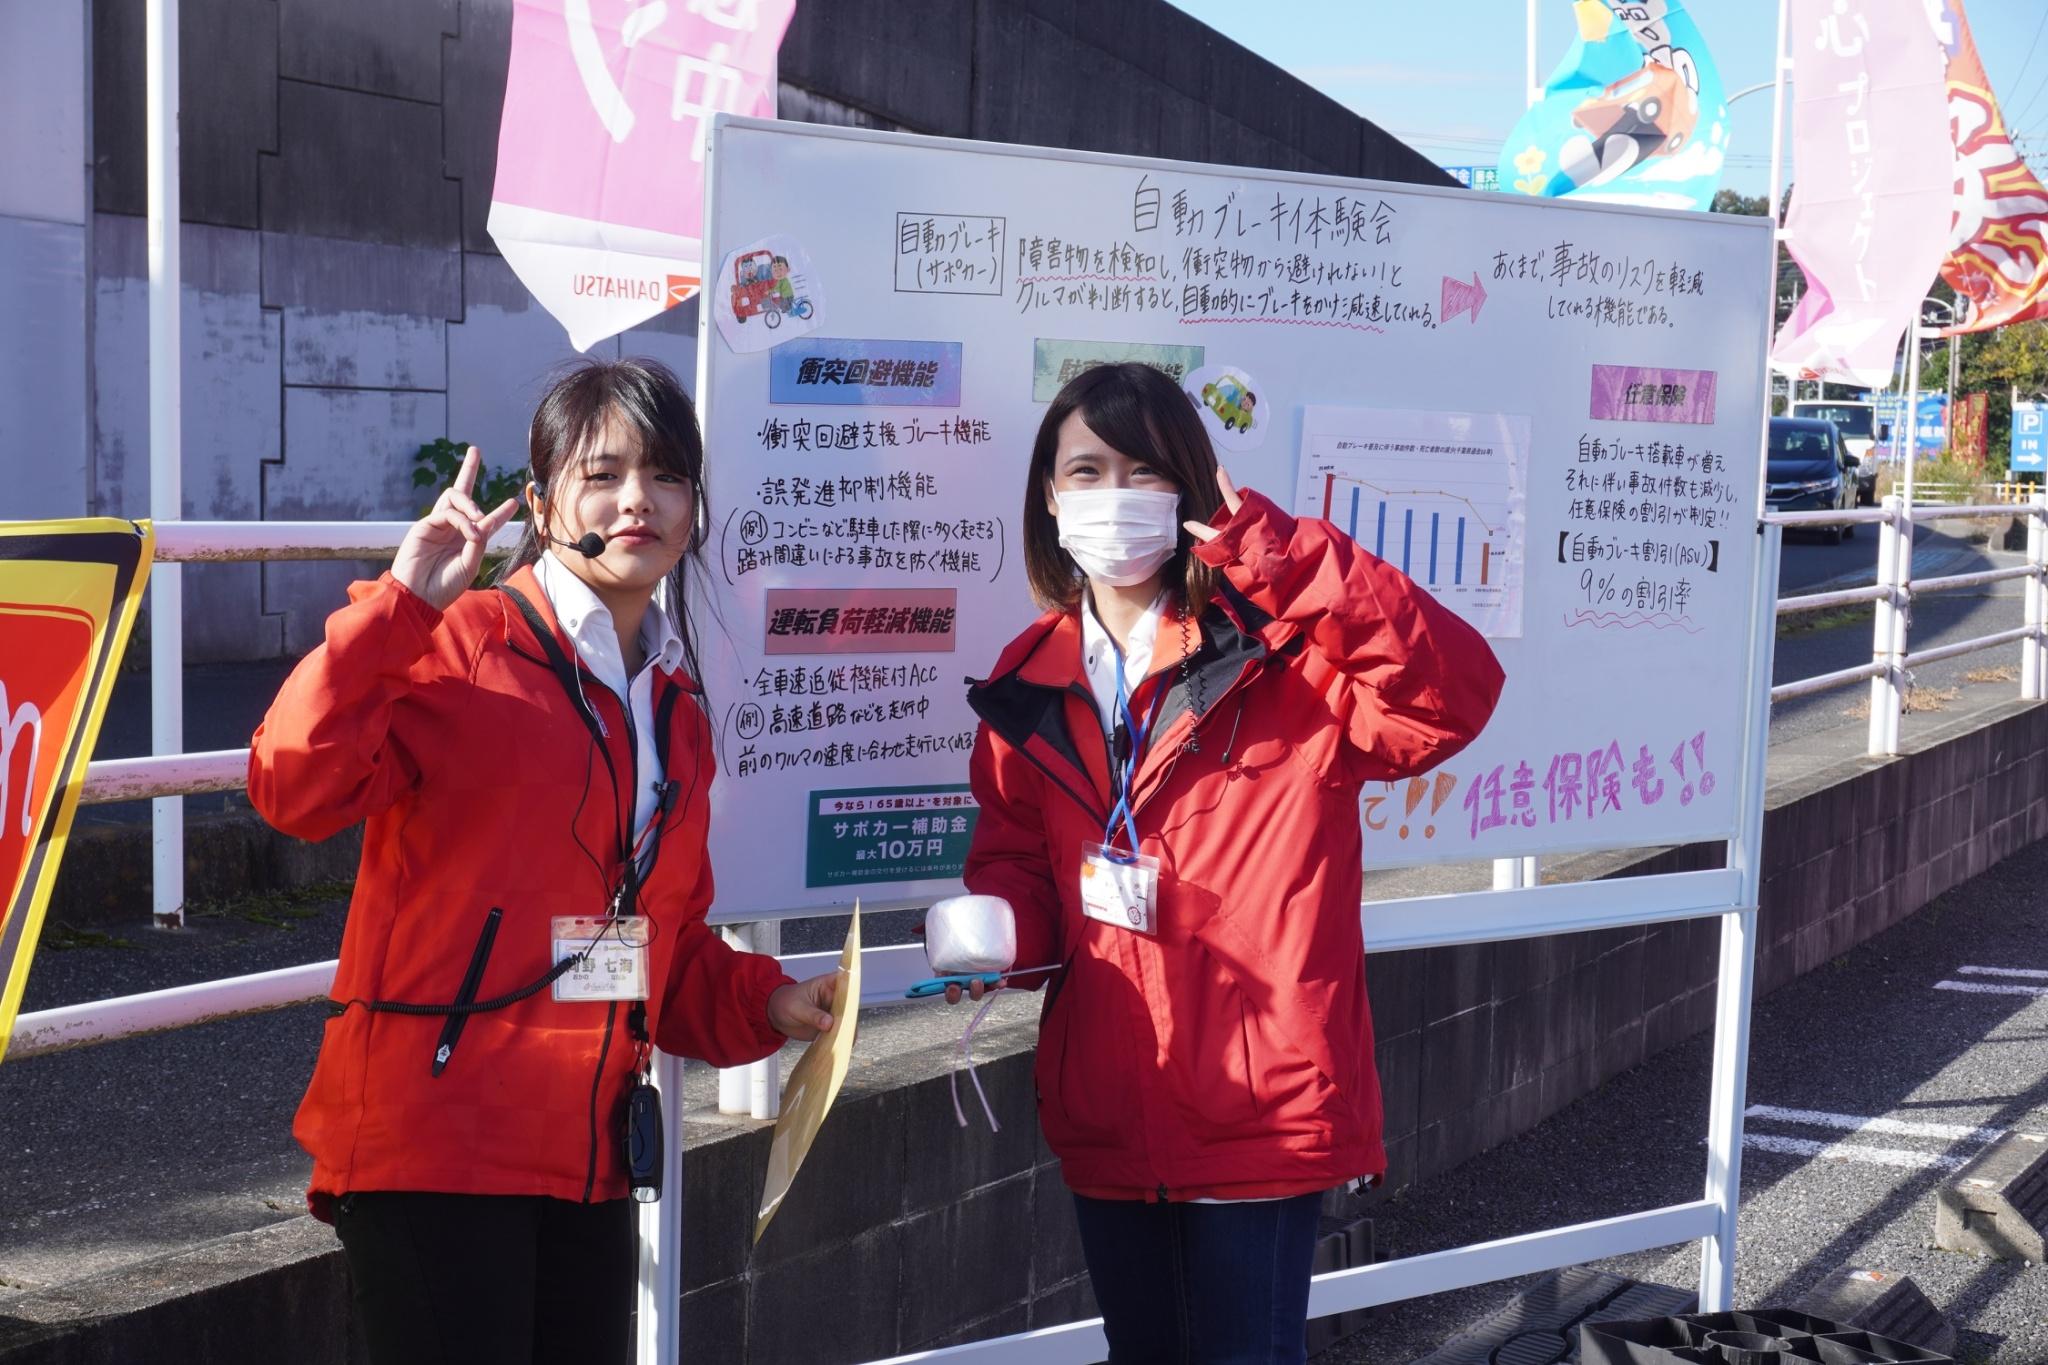 自動ブレーキ イベント 茂原市